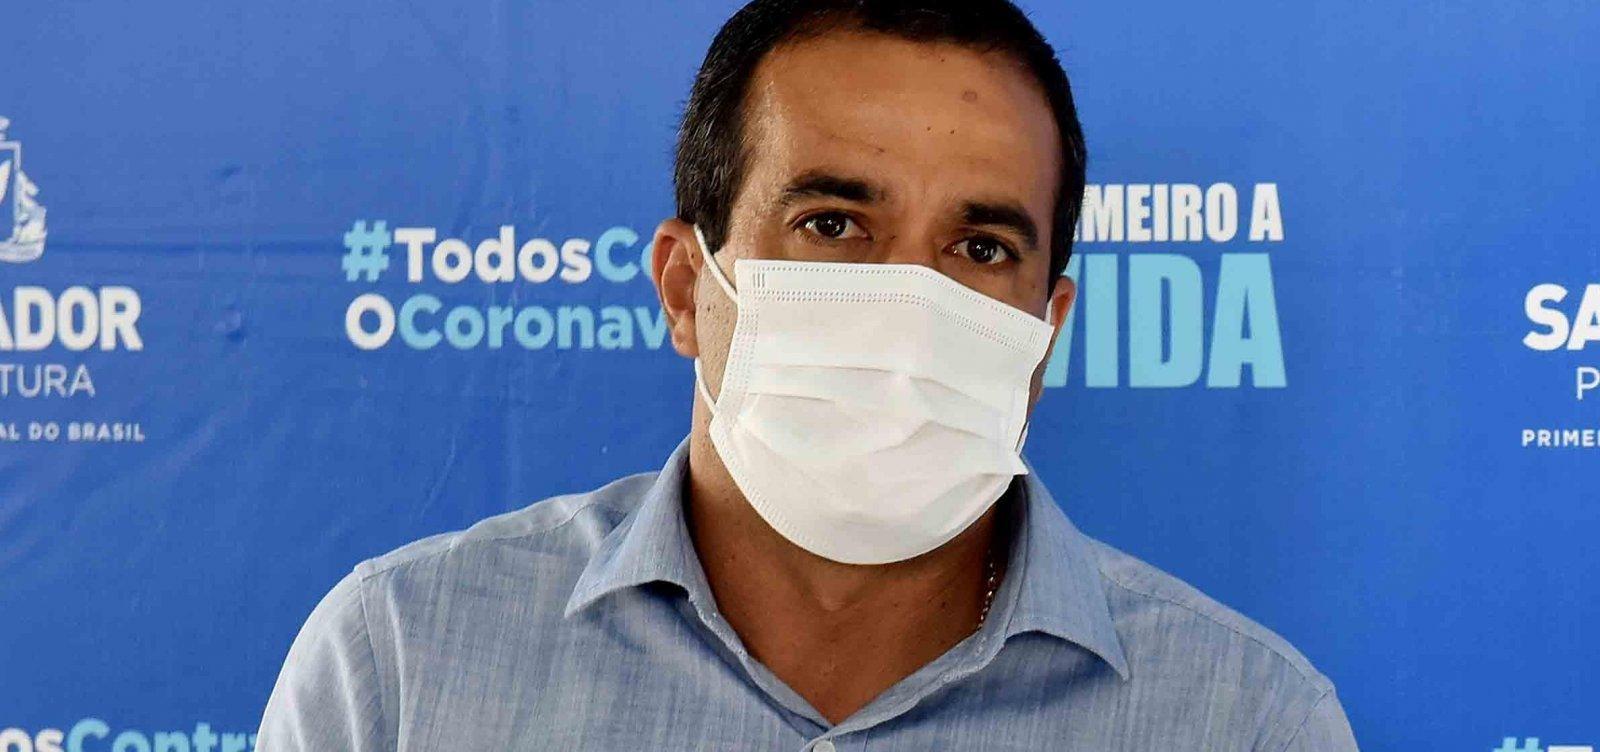 Bruno Reis solicita a Pazuello repasse financeiro para ajudar a manter leitos de UTI